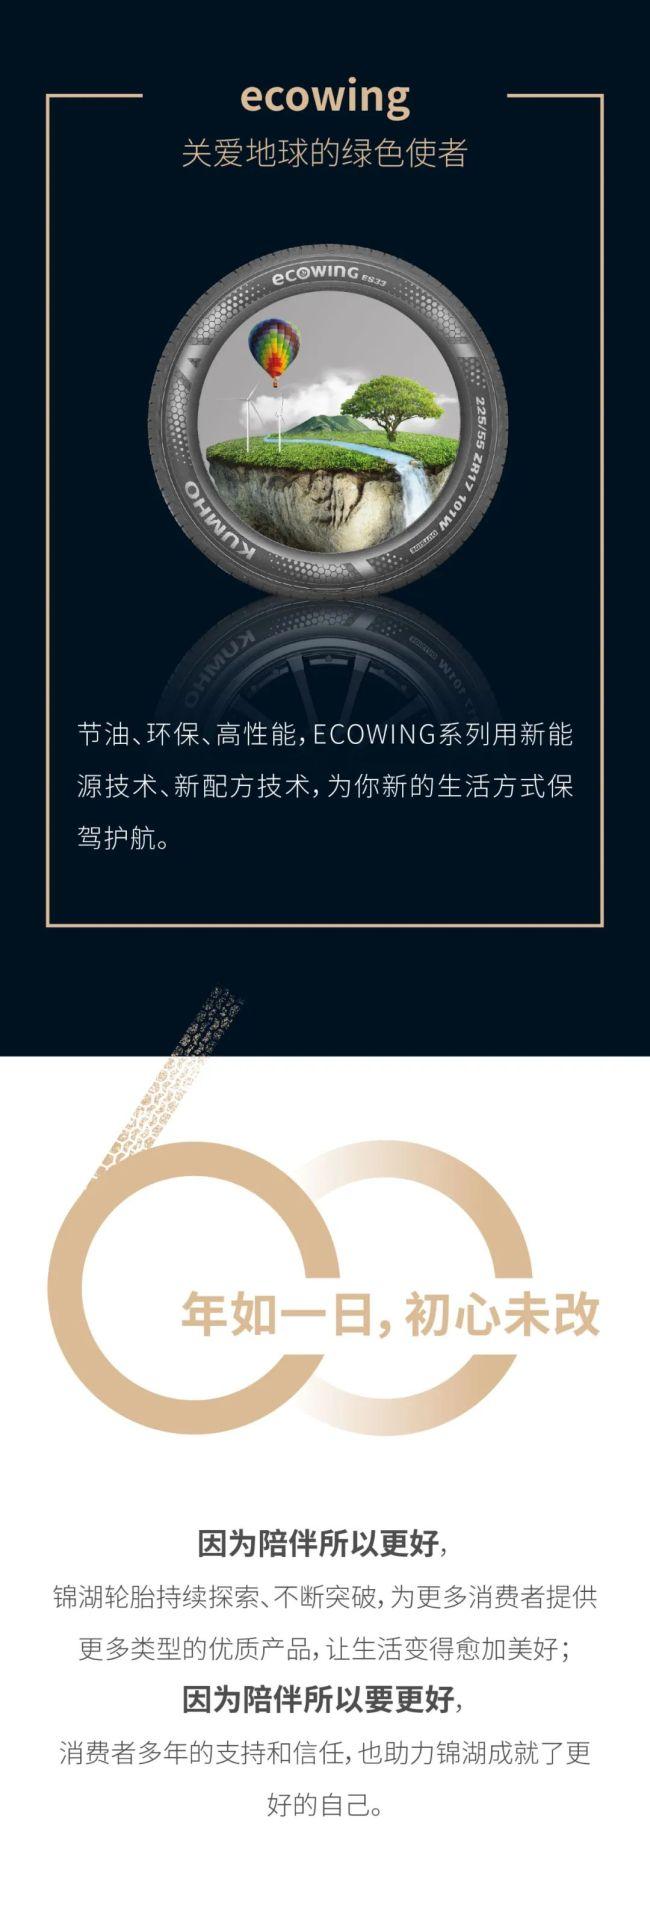 1961-2021,锦湖轮胎持续提供优质产品  专注陪伴60年